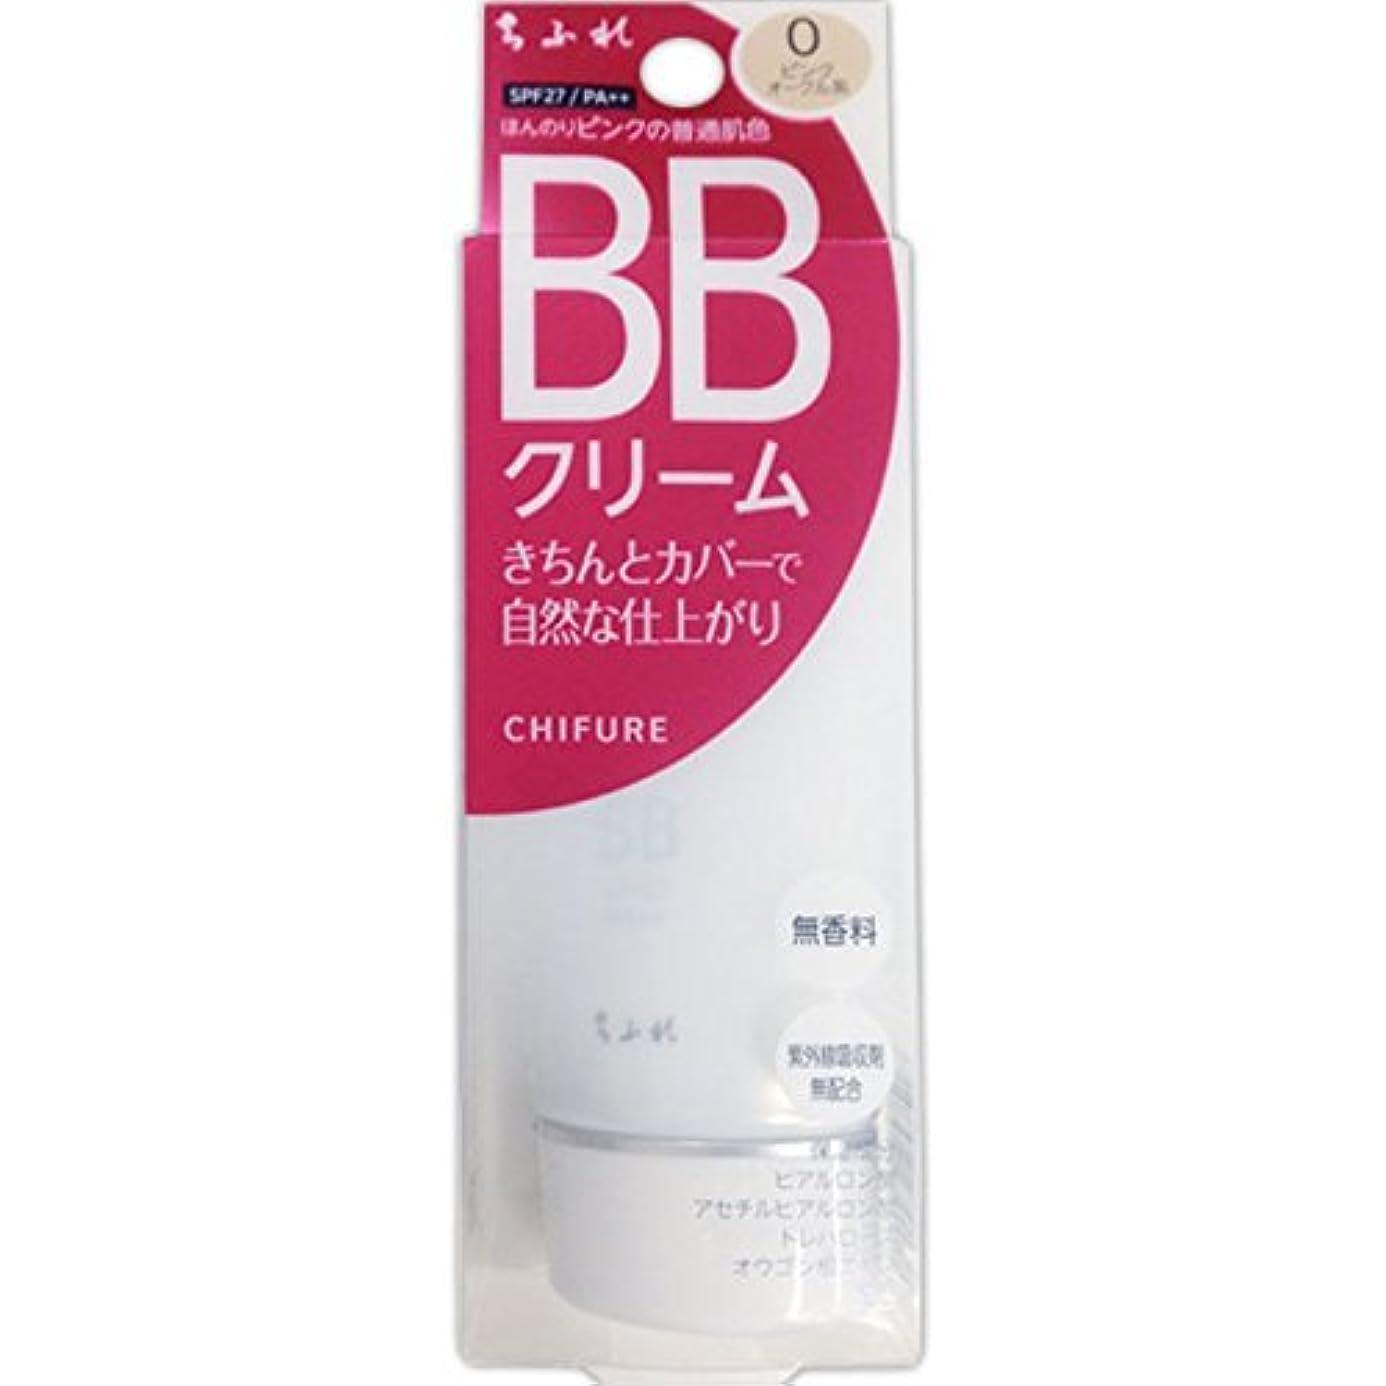 摩擦まろやかな合計ちふれ化粧品 BB クリーム ほんのりピンクの普通肌色 0